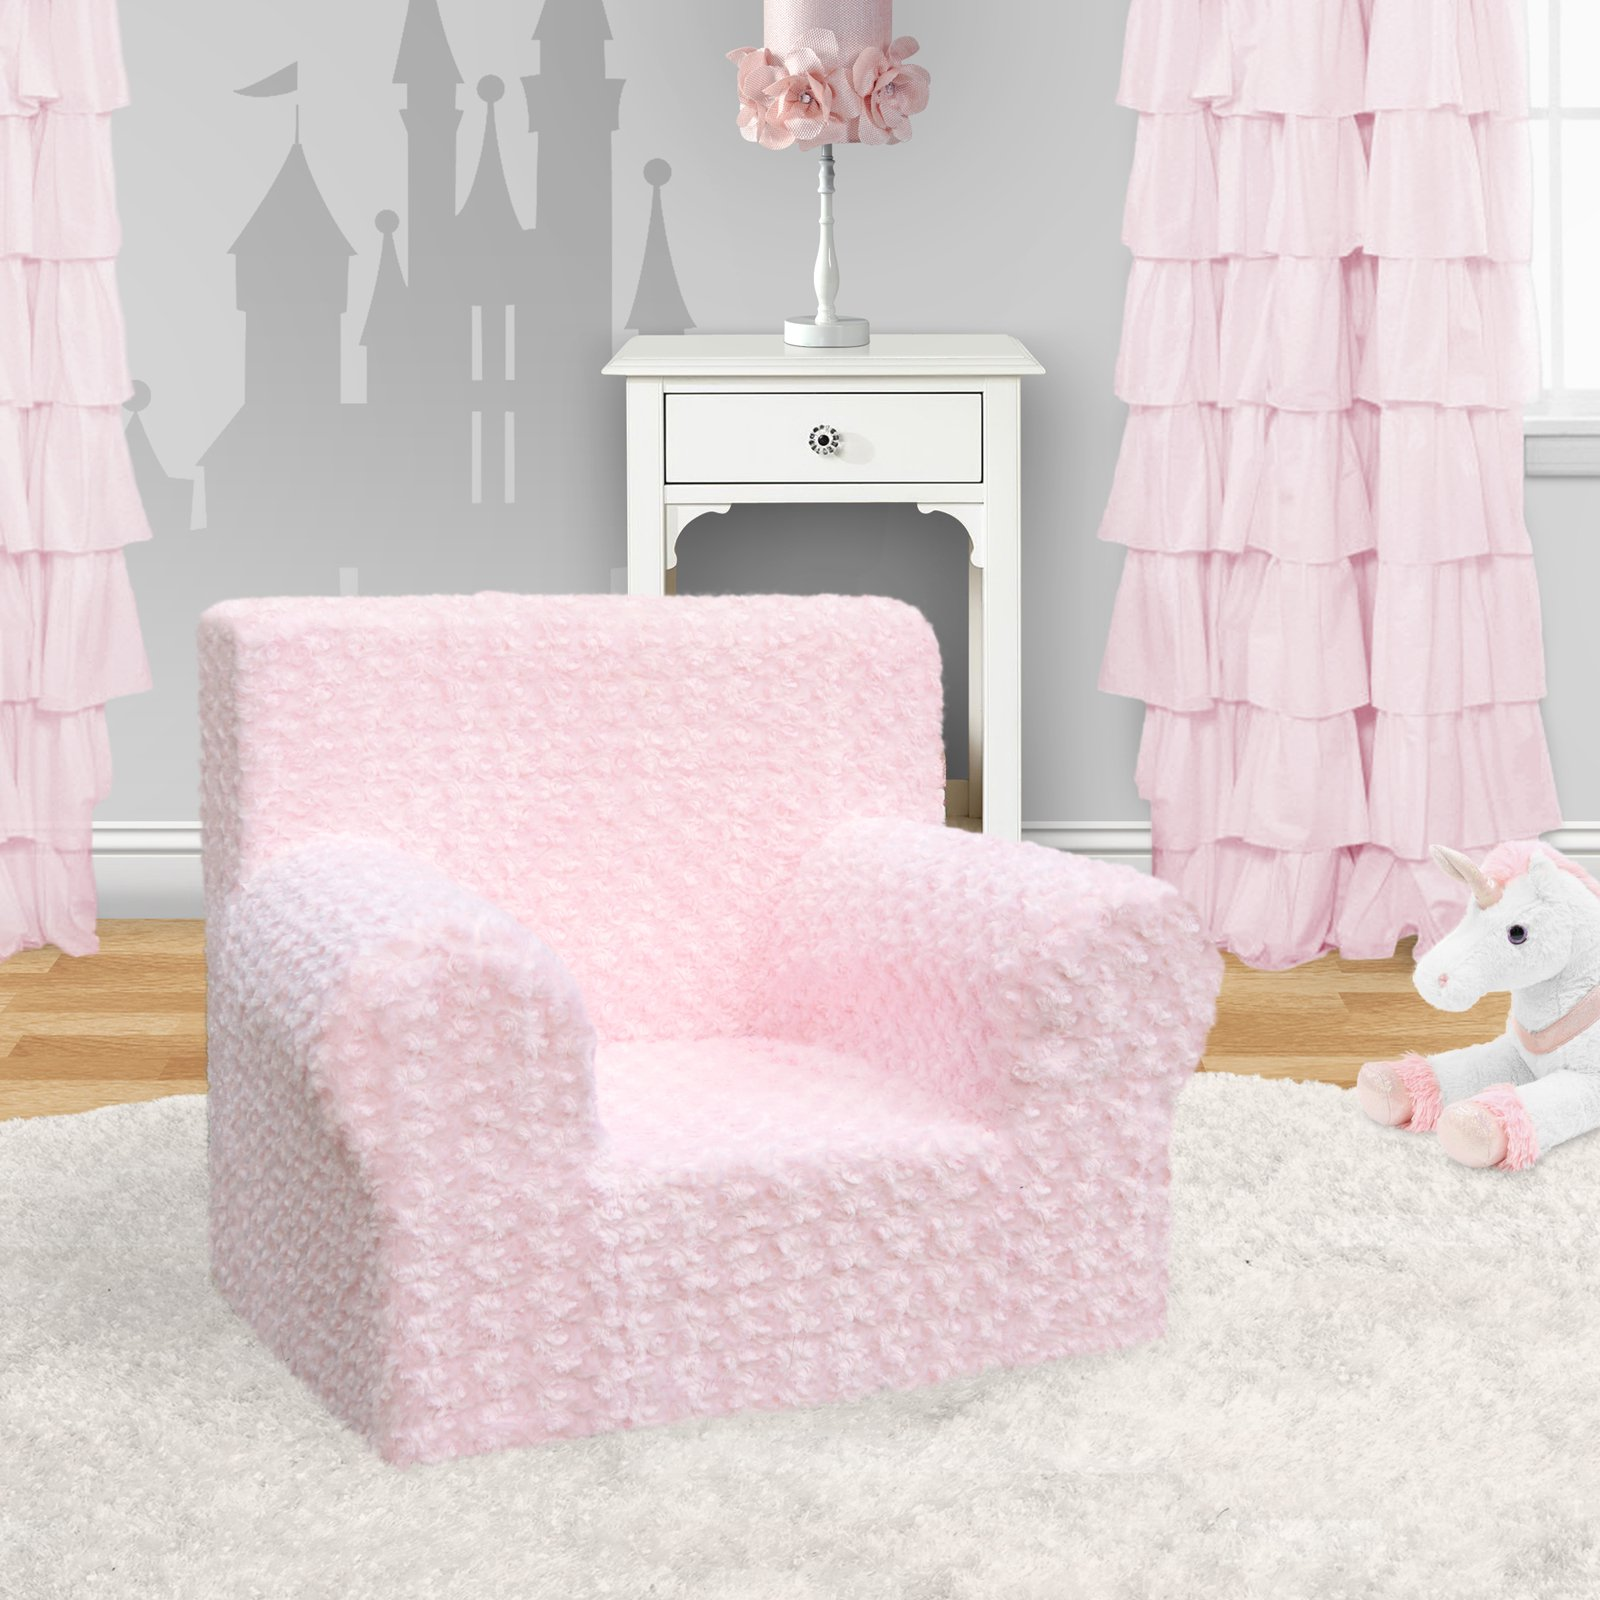 """Weston"""" Grab-n-go Kid's Foam Chair with handle - Rose Cuddle Pink"""